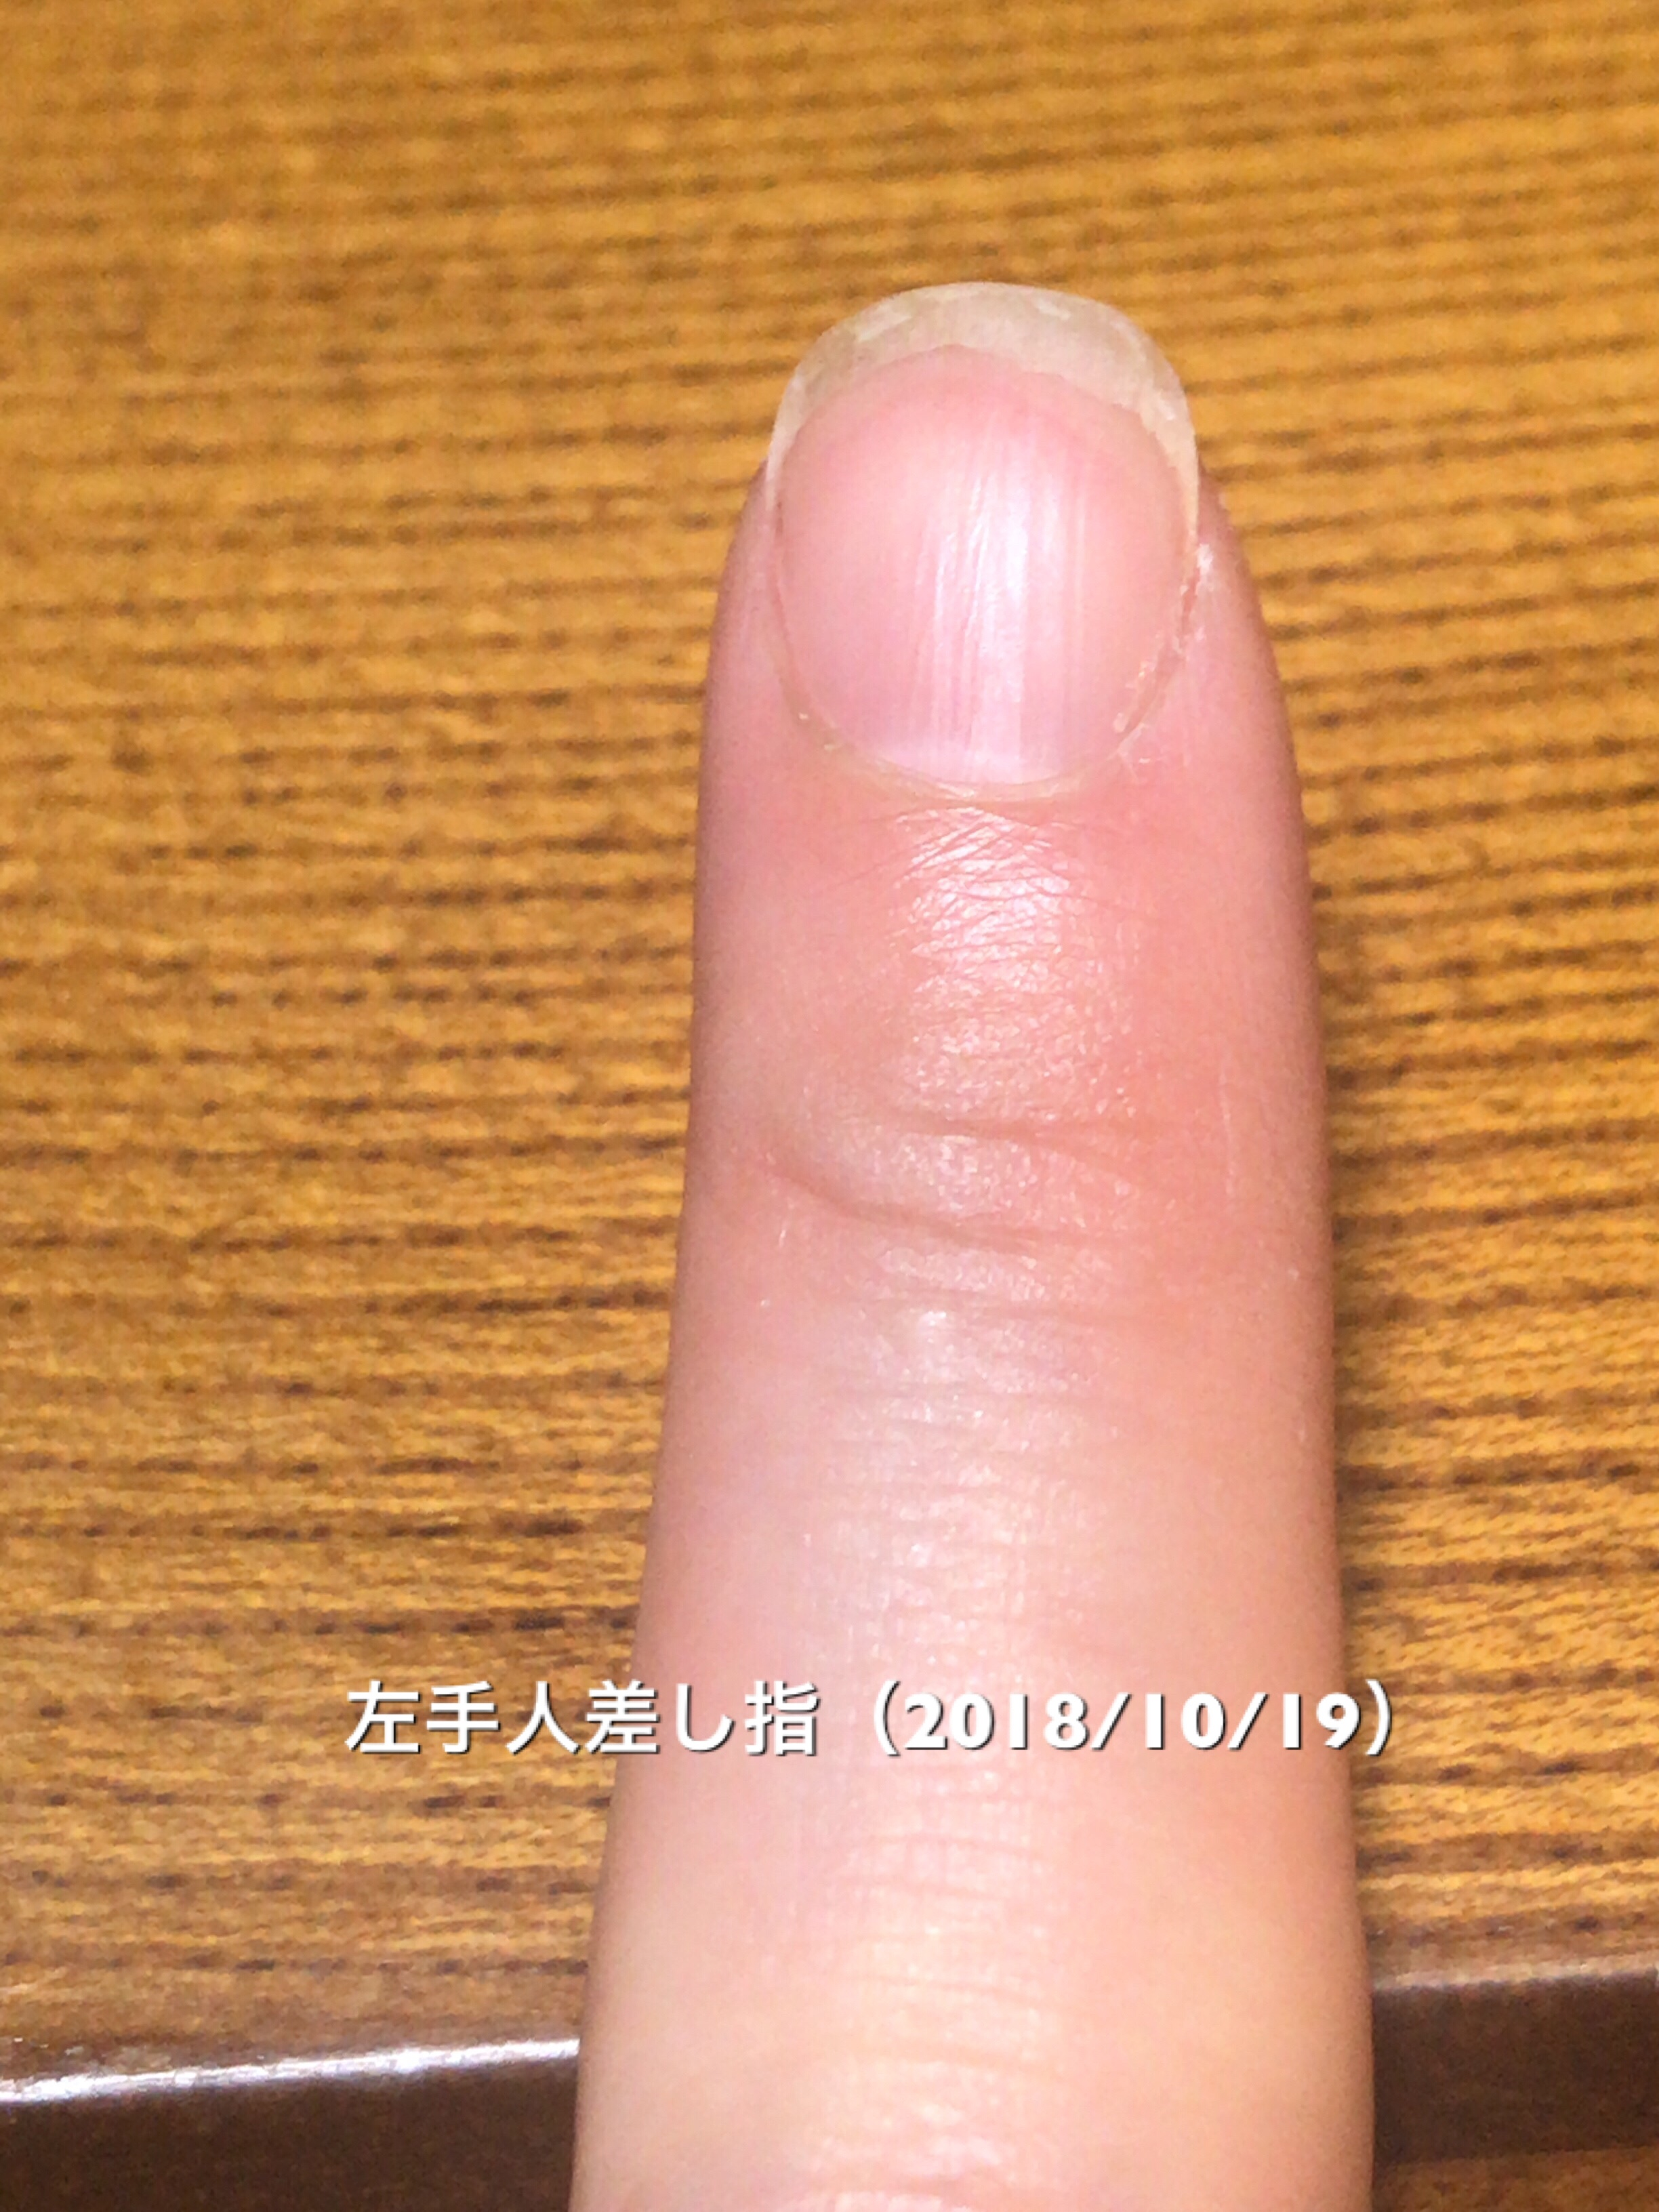 人差し指は、両方とも爪先の二枚爪や痛みがひどいですね…。まだまだ爪先を使った作業を無意識にしてしまっていたり、丈夫な爪が作れていないことに原因がありそうです。いろいろ課題はありありですが、ハイポニキウムはしっかり成長しています。ハイポニキウムは裏切らない!頑張るぞ!という写真